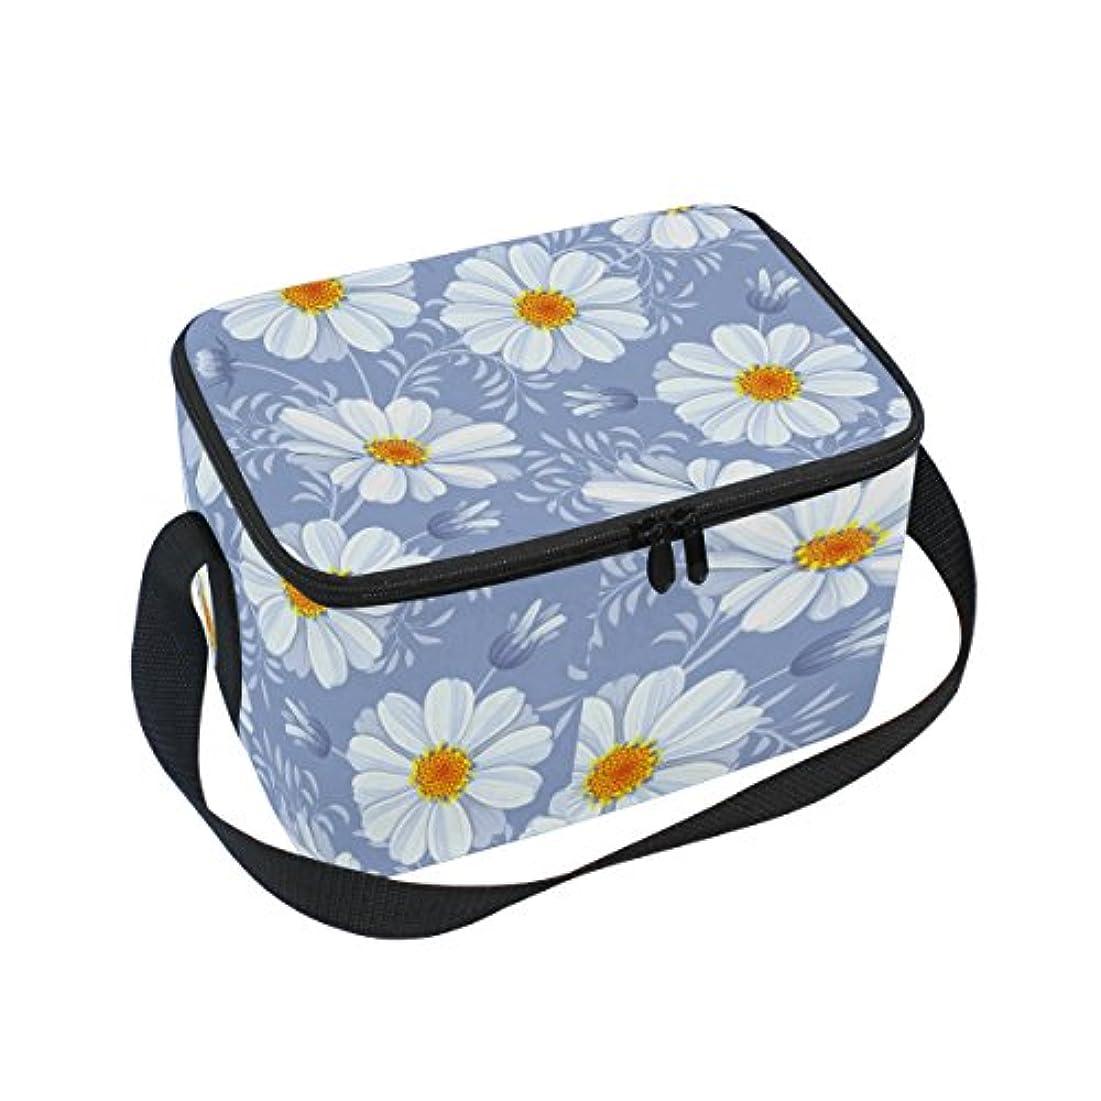 資料残酷みがきますクーラーバッグ クーラーボックス ソフトクーラ 冷蔵ボックス キャンプ用品 デージー柄 保冷保温 大容量 肩掛け お花見 アウトドア